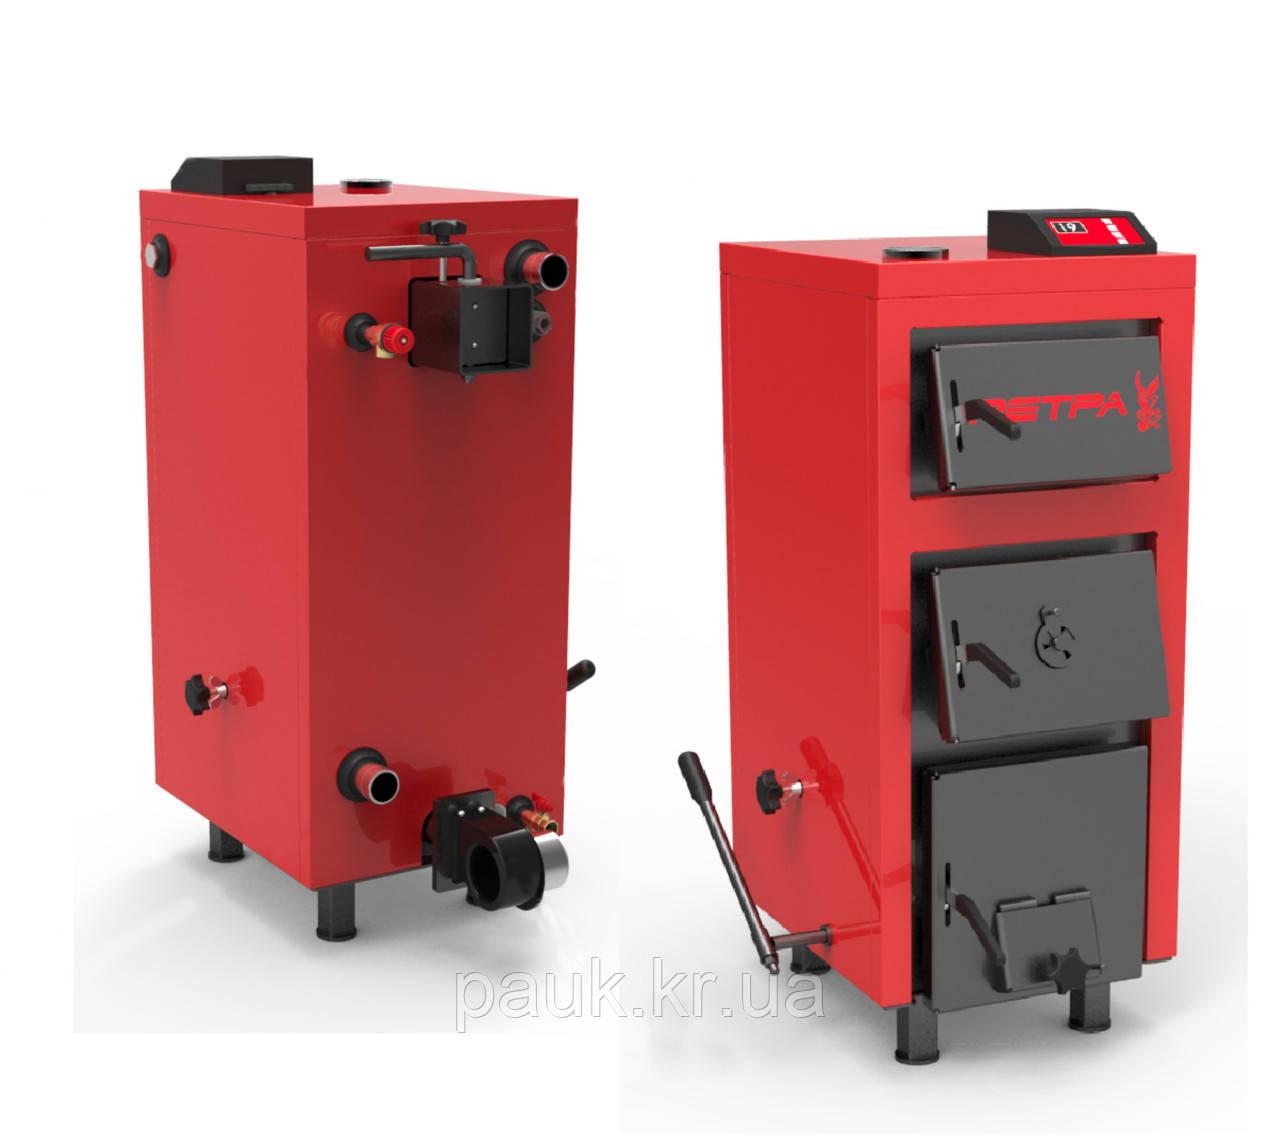 Котел Ретра-5М PLUS -10 кВт твердопаливний